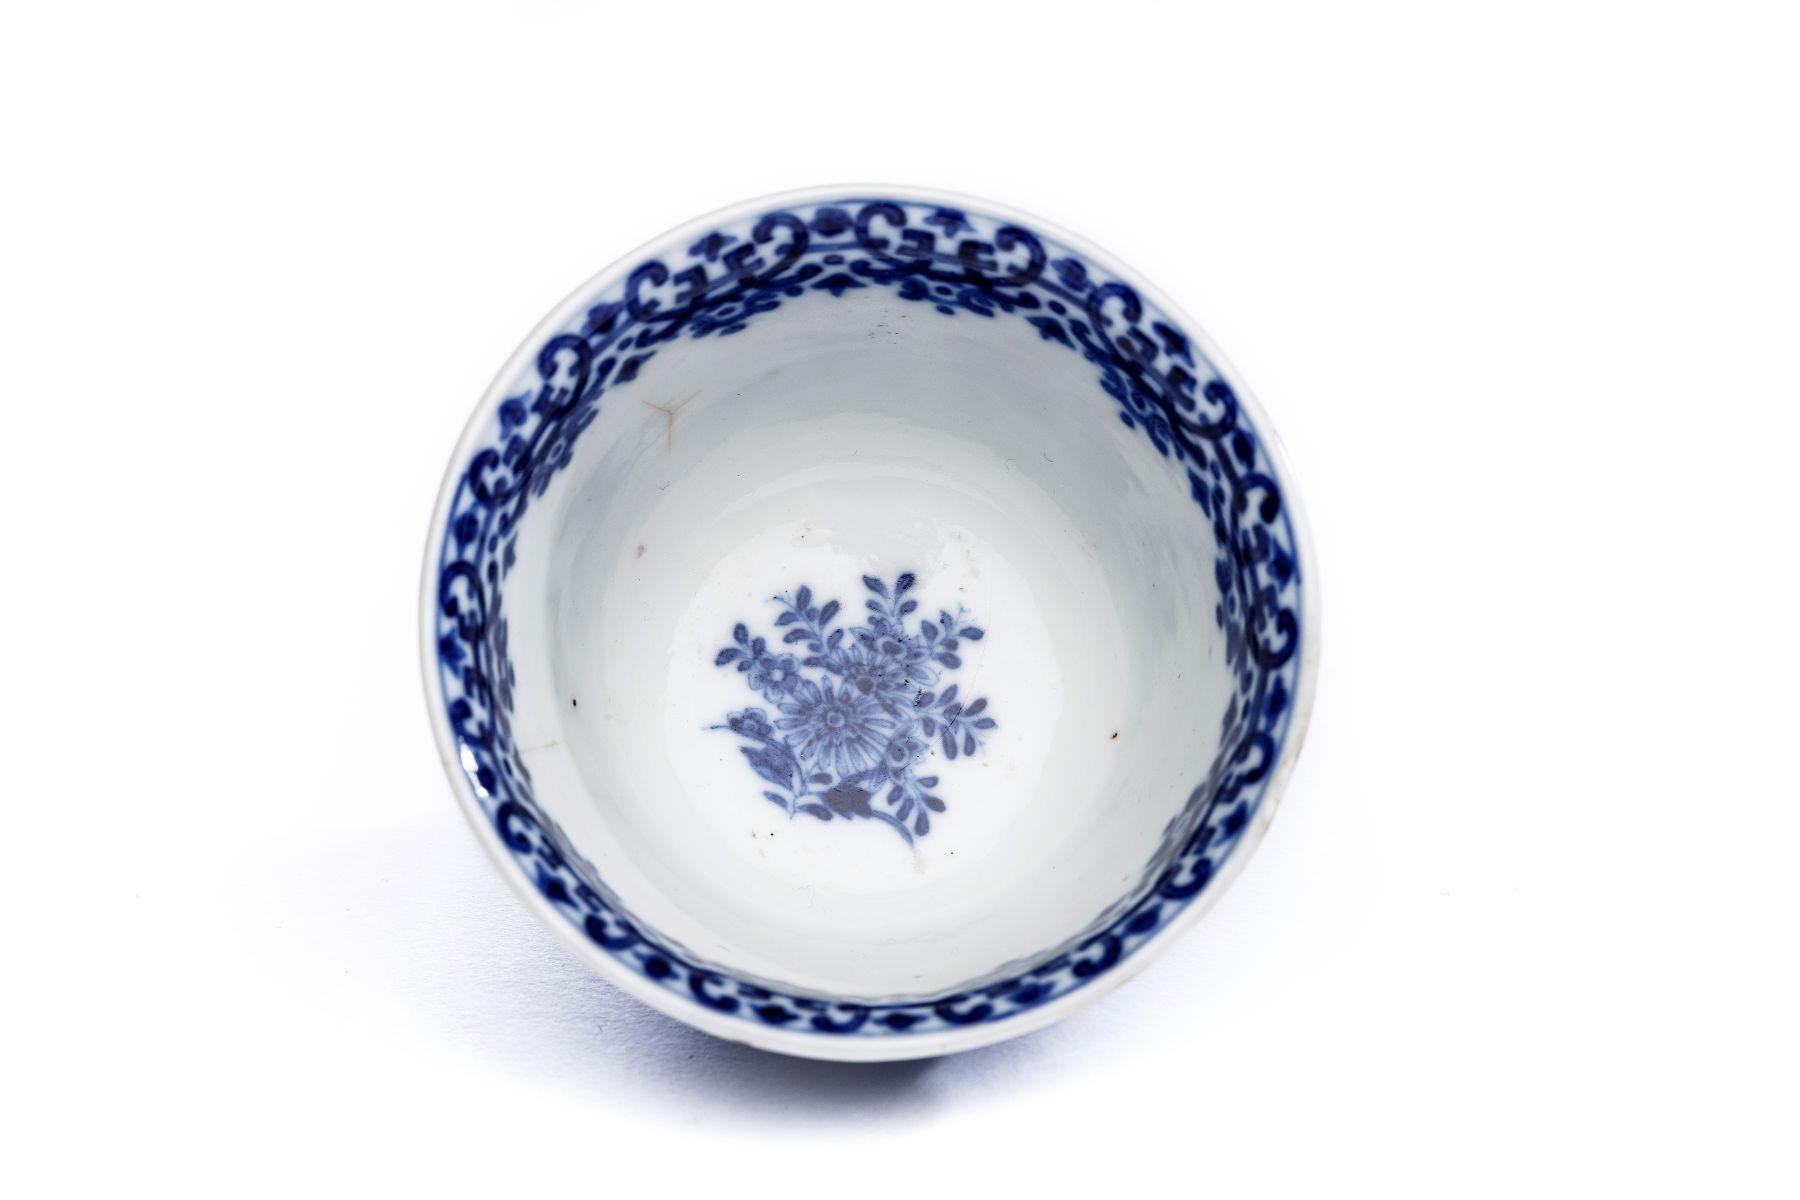 Koppchen blau, Meissen 1720/25 - Bild 2 aus 3